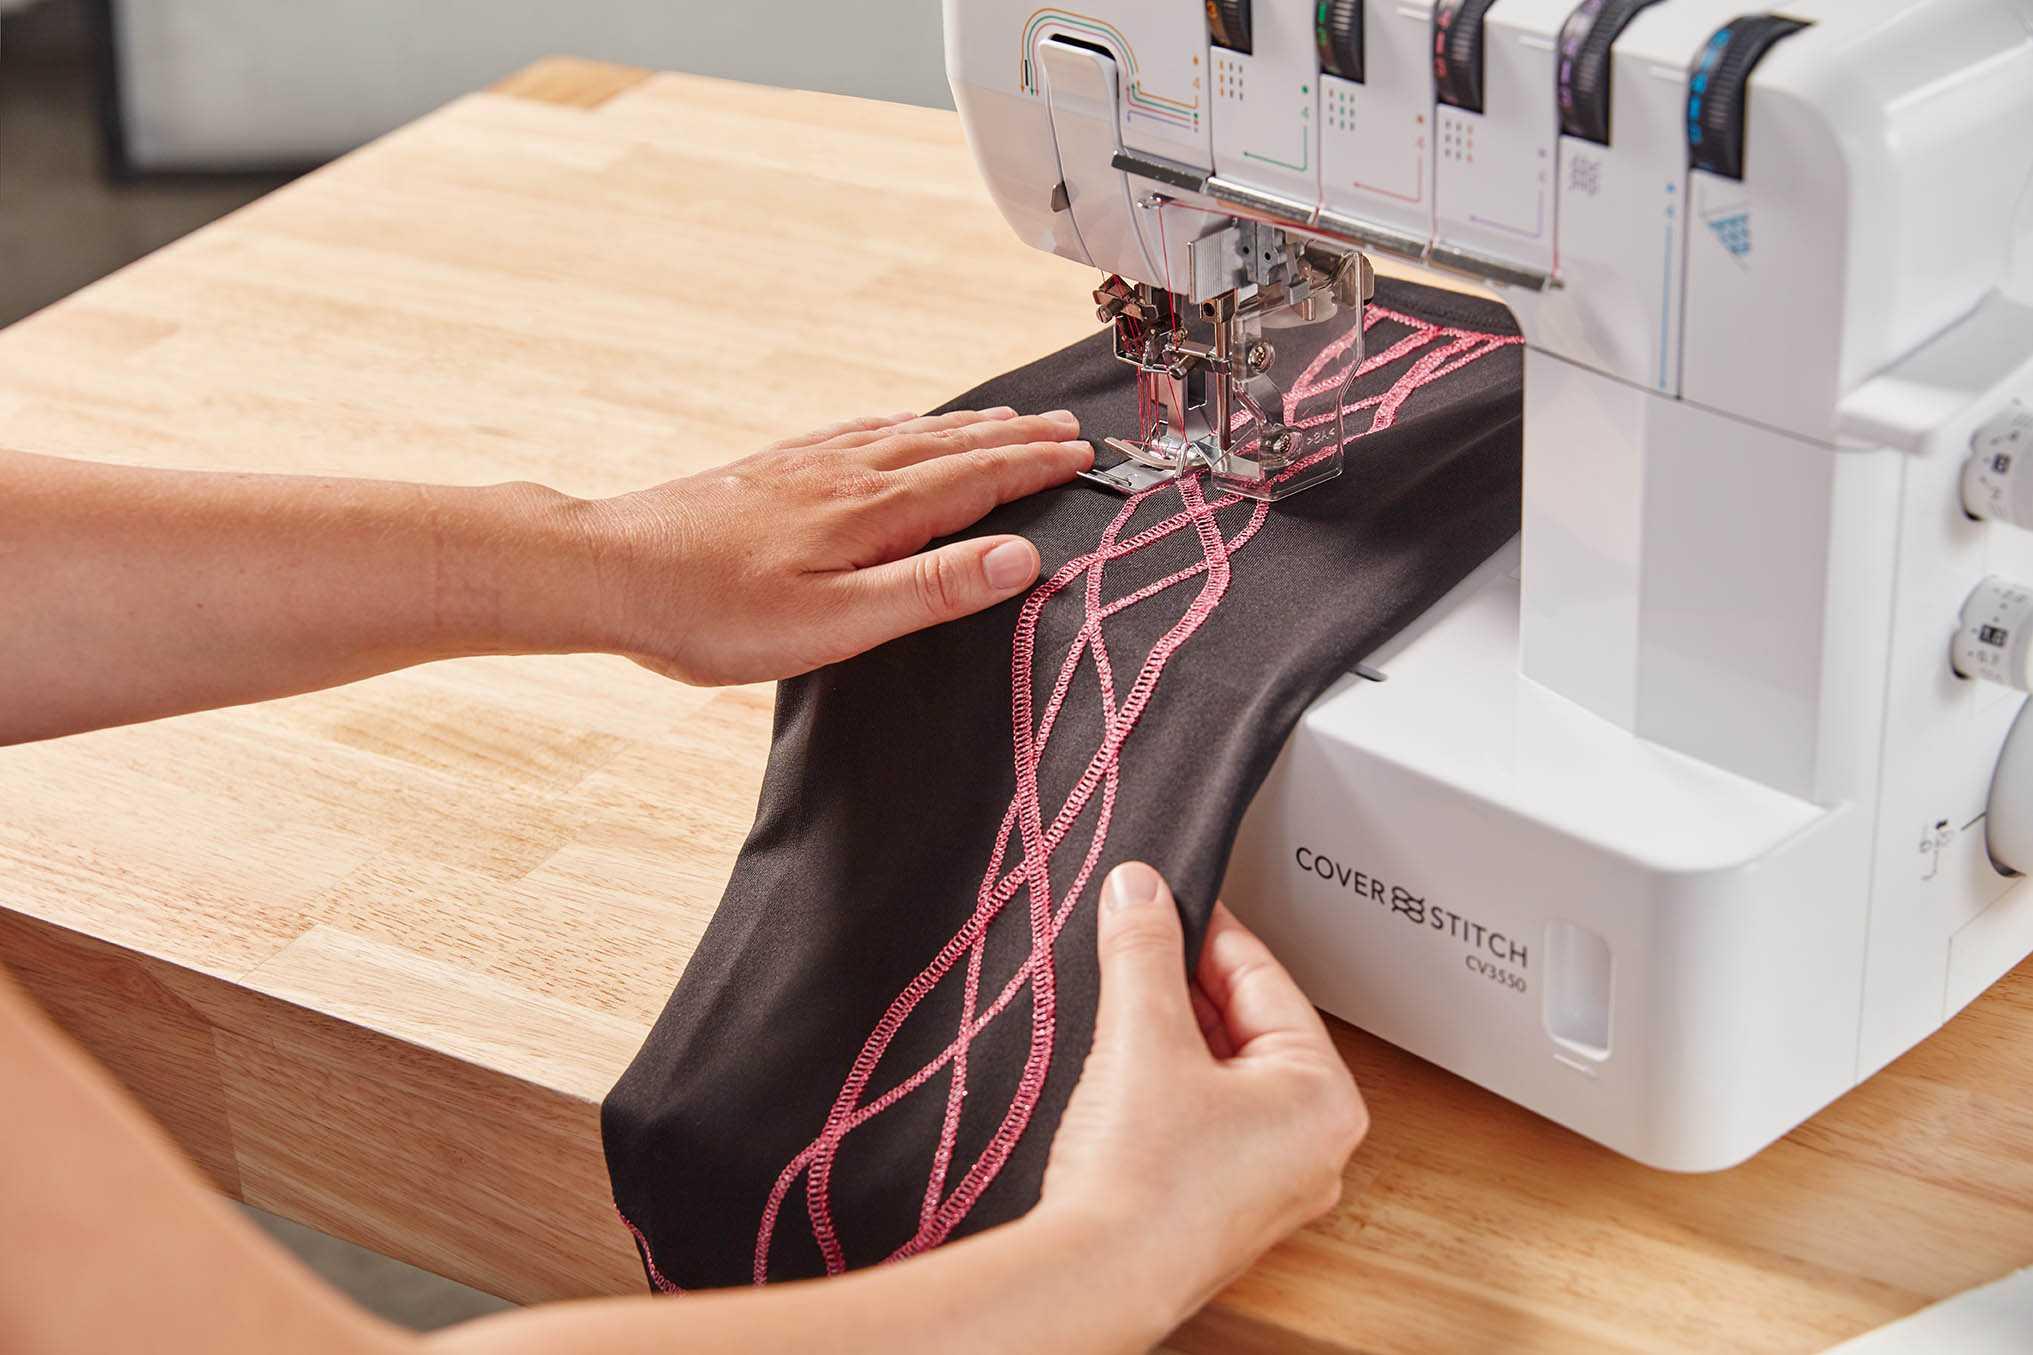 14 лучших швейных машин для дома и рекомендации по выбору